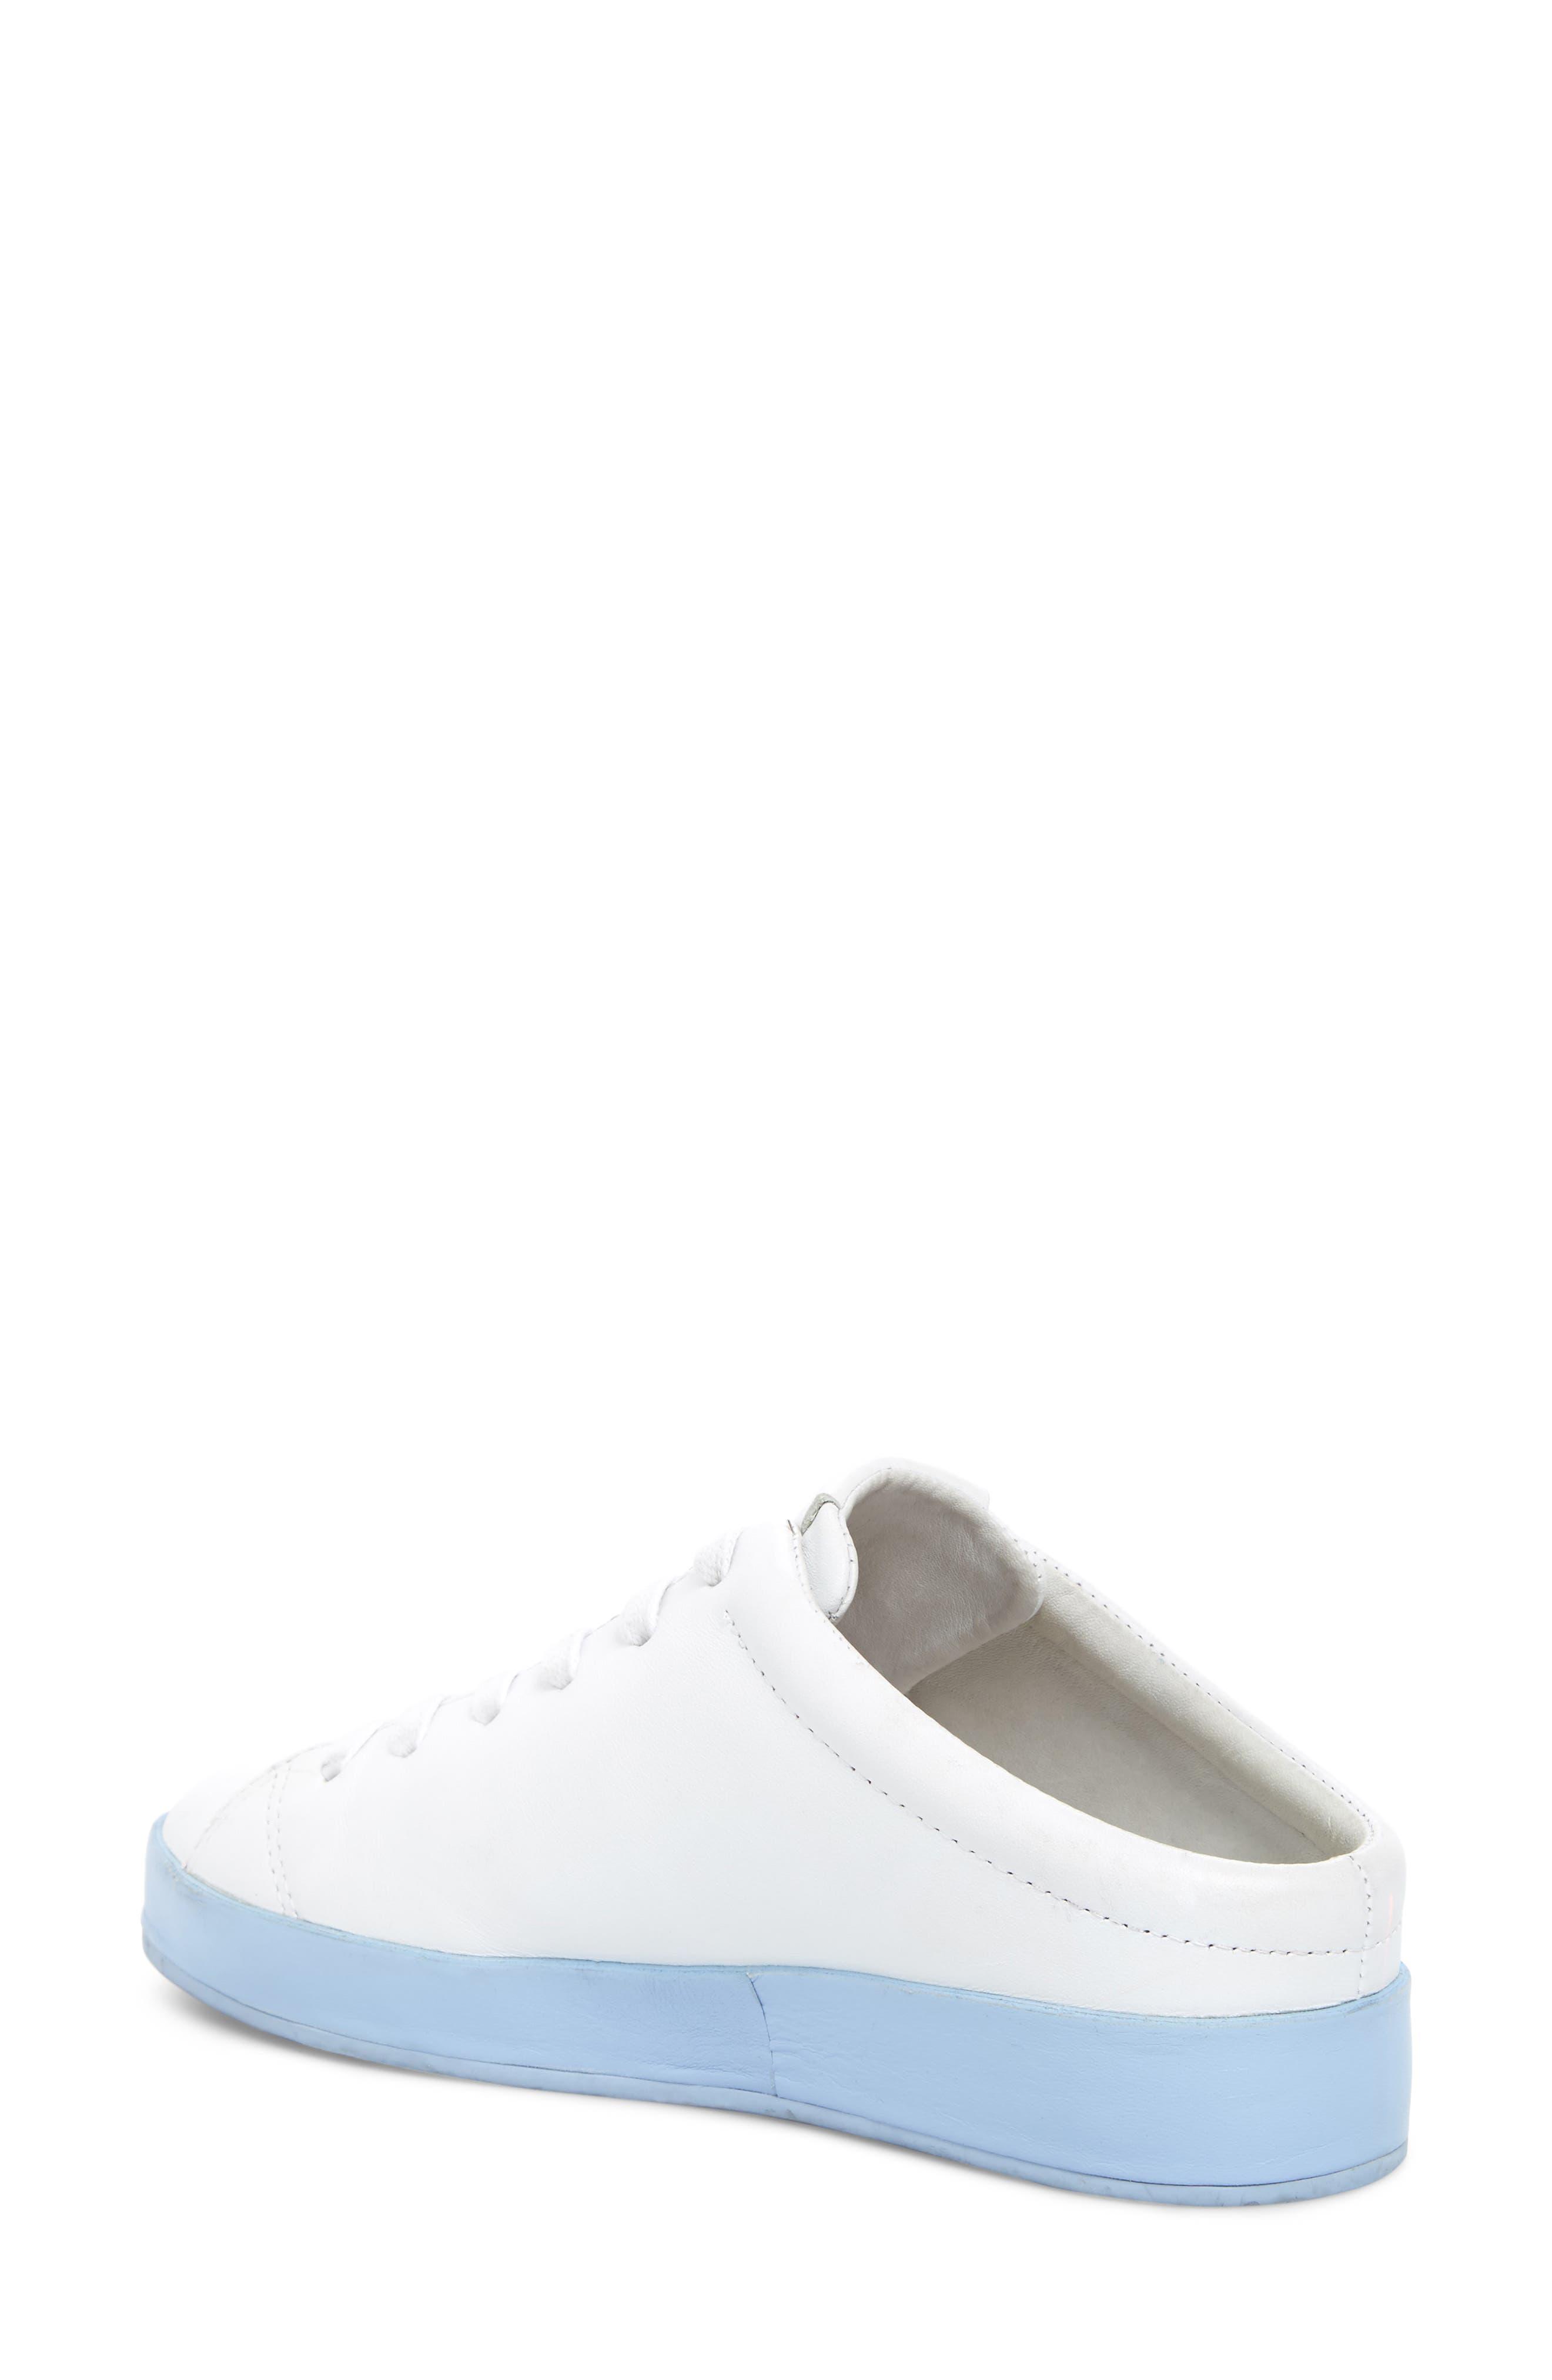 RB1 Slip-On Sneaker,                             Alternate thumbnail 5, color,